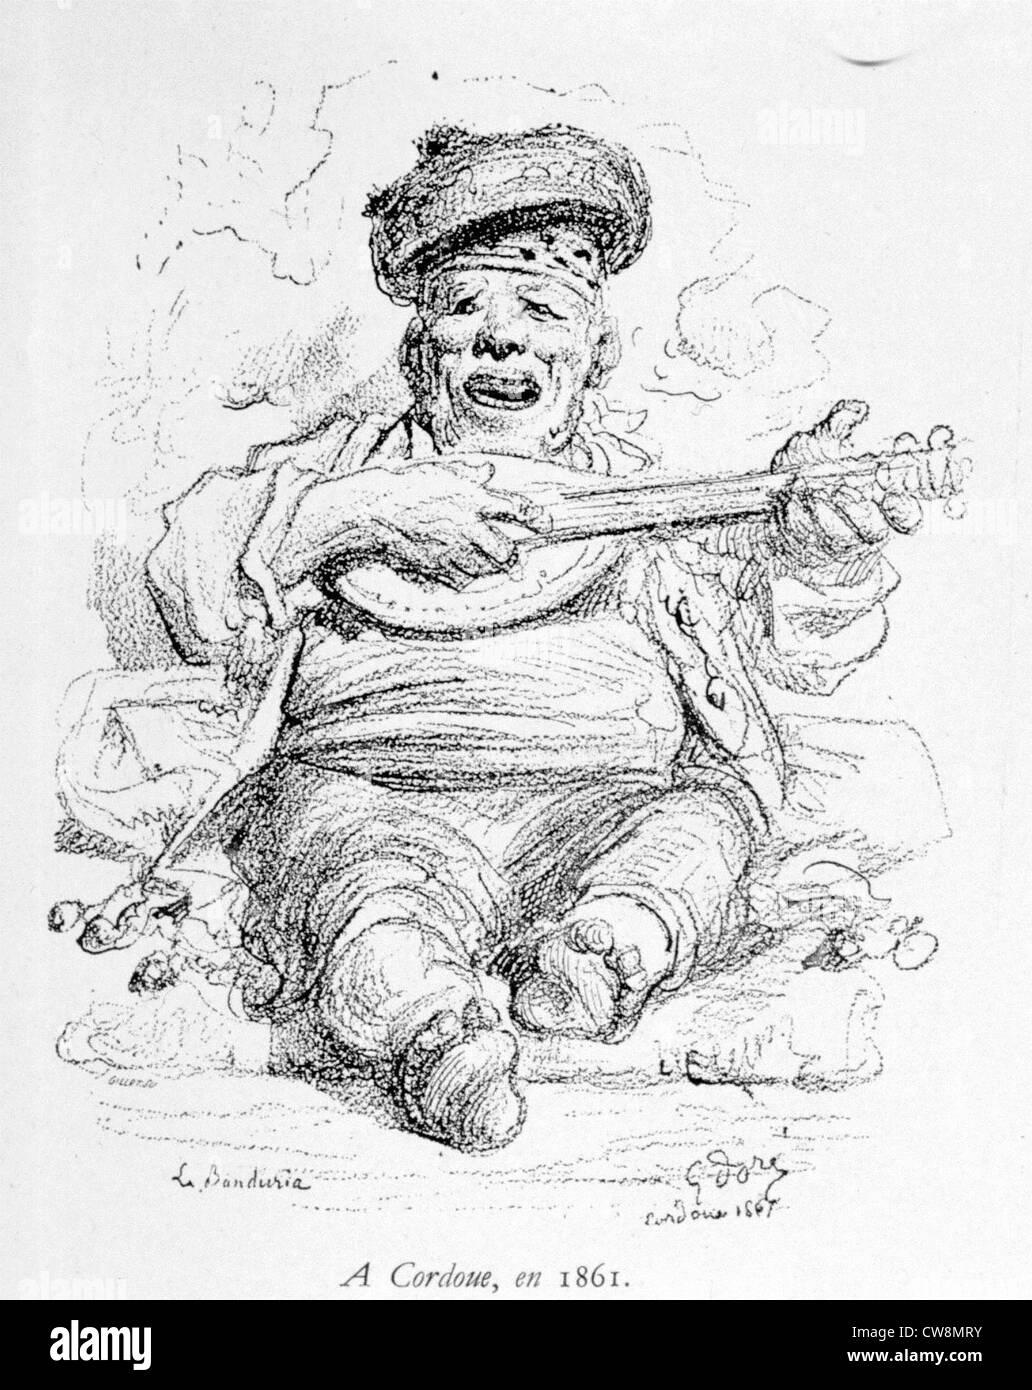 Gustave Doré, portraits - Stock Image